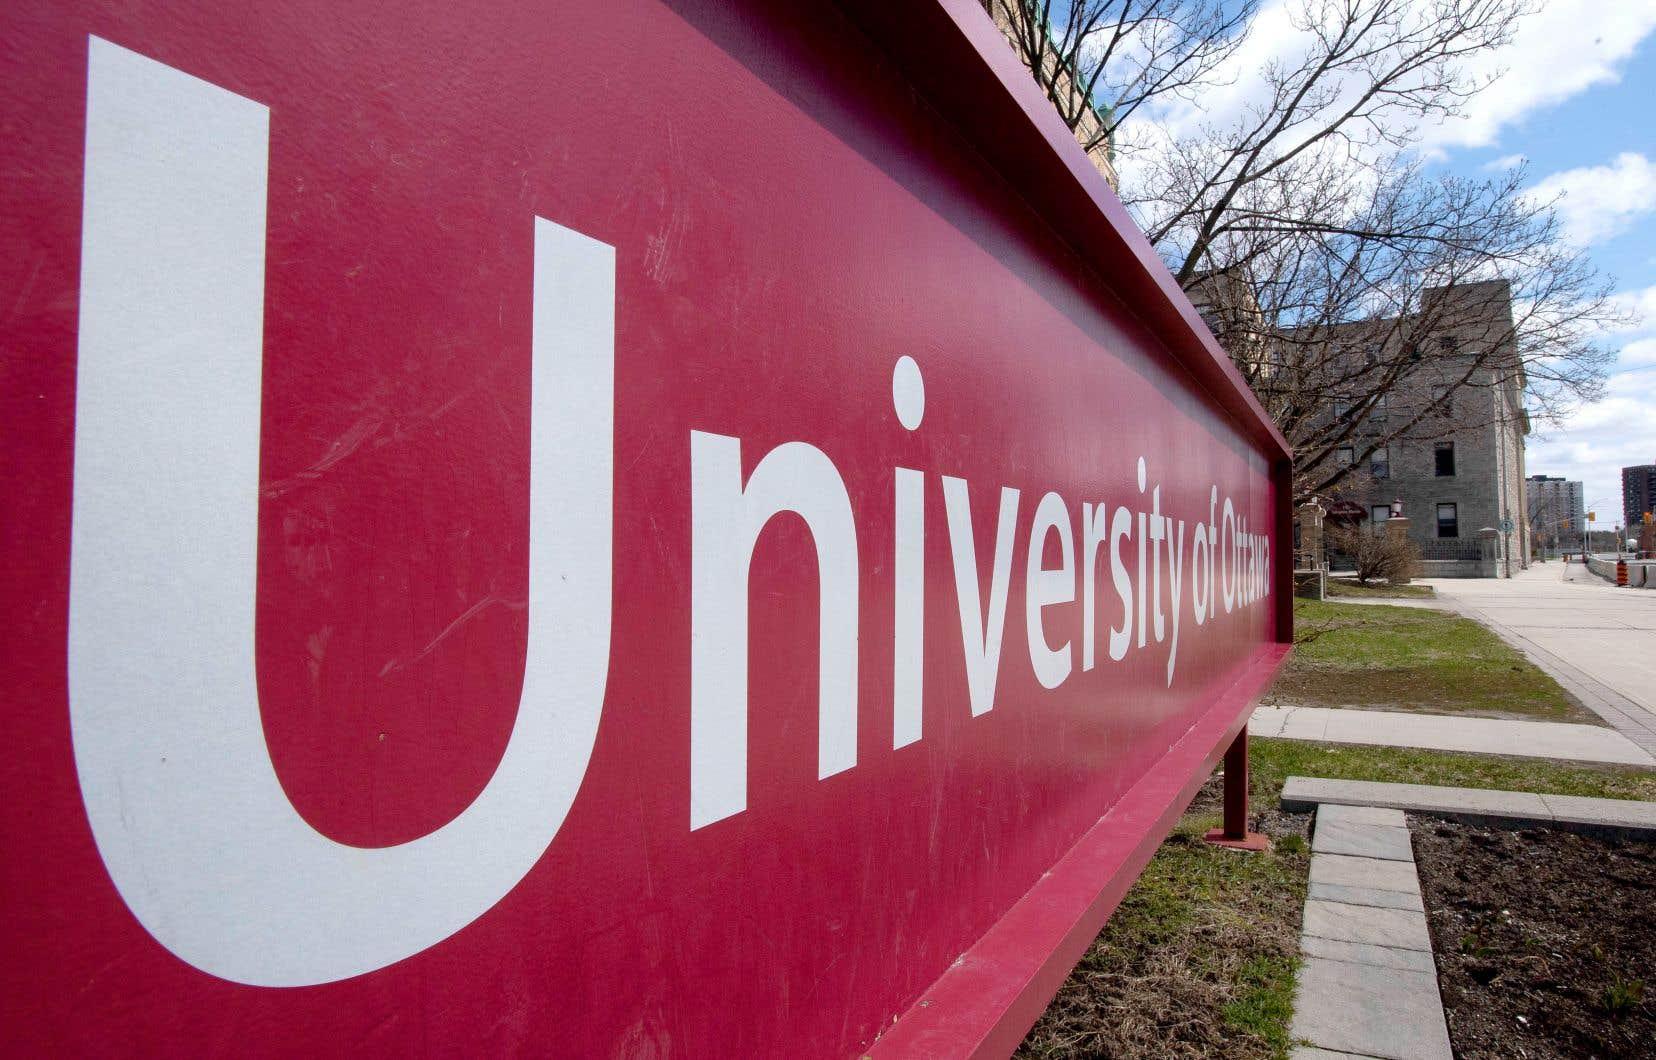 La ministre de l'Enseignement supérieur du Québec, Danielle McCann, déplore la façon dont l'Université d'Ottawa a géré cette affaire.